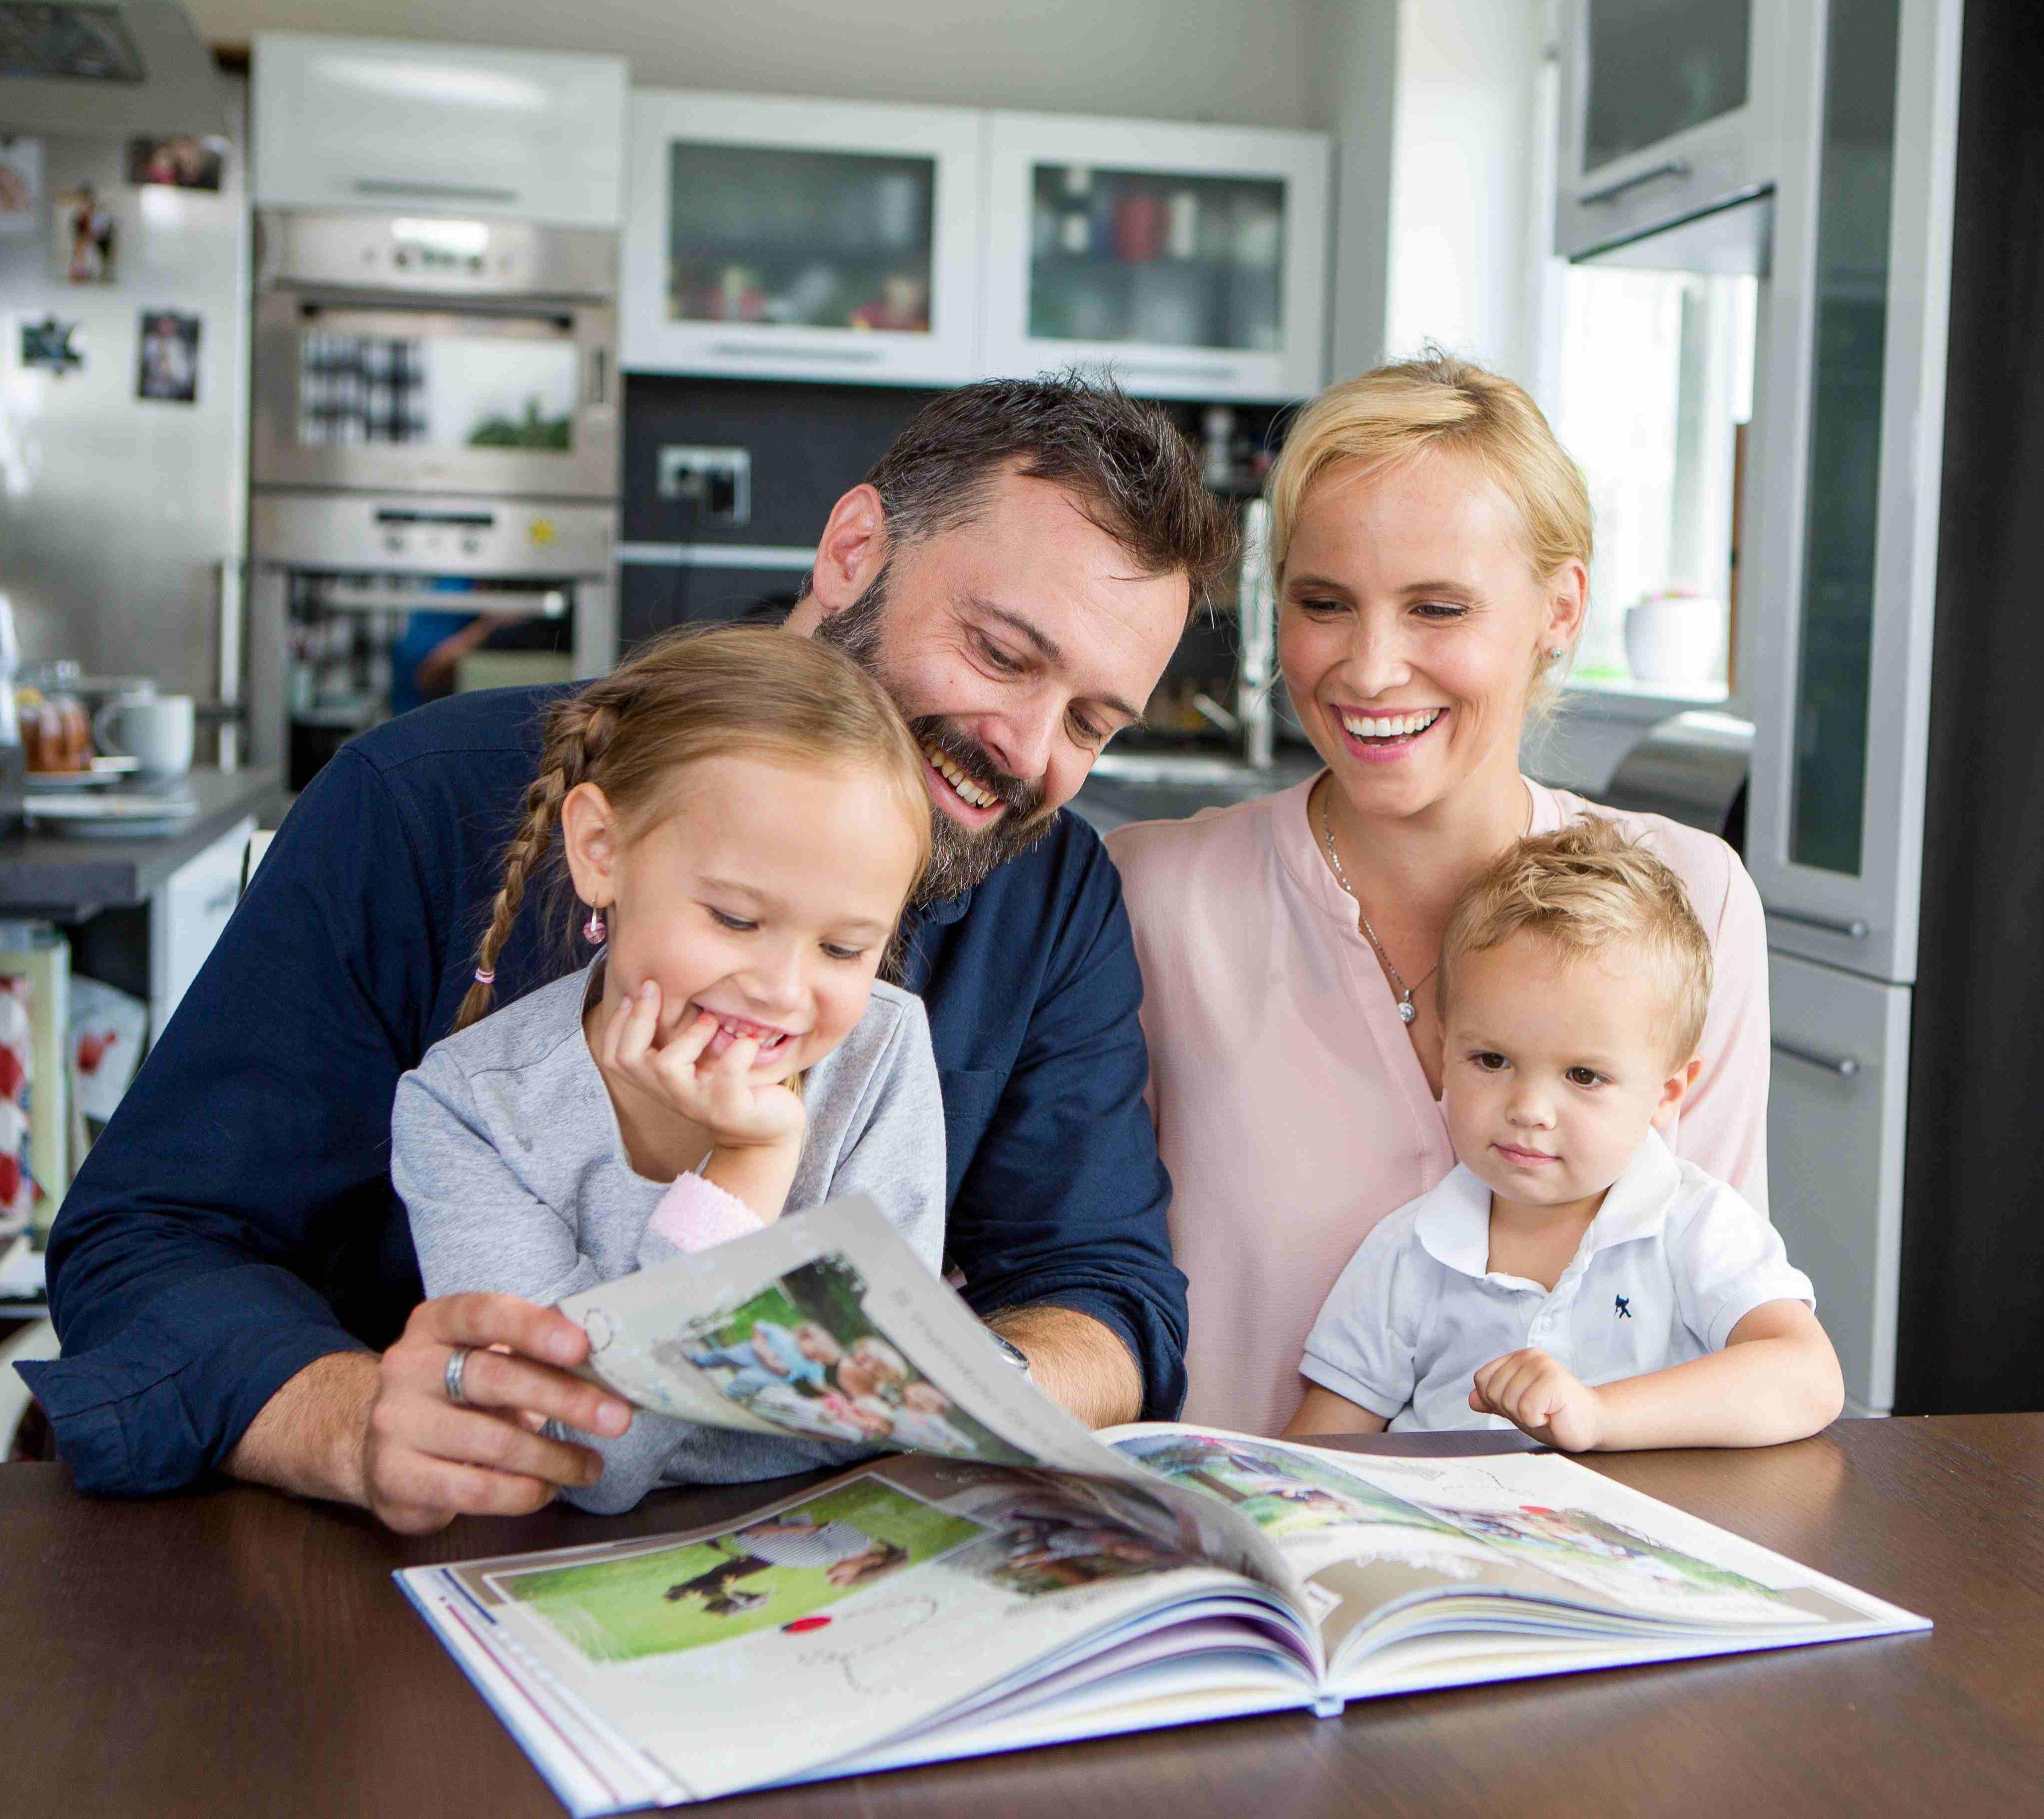 Rodina Rehových: vytvořili si svou CEWE FOTOKNIHU, přihlásili do soutěže a dostali se až do finále.